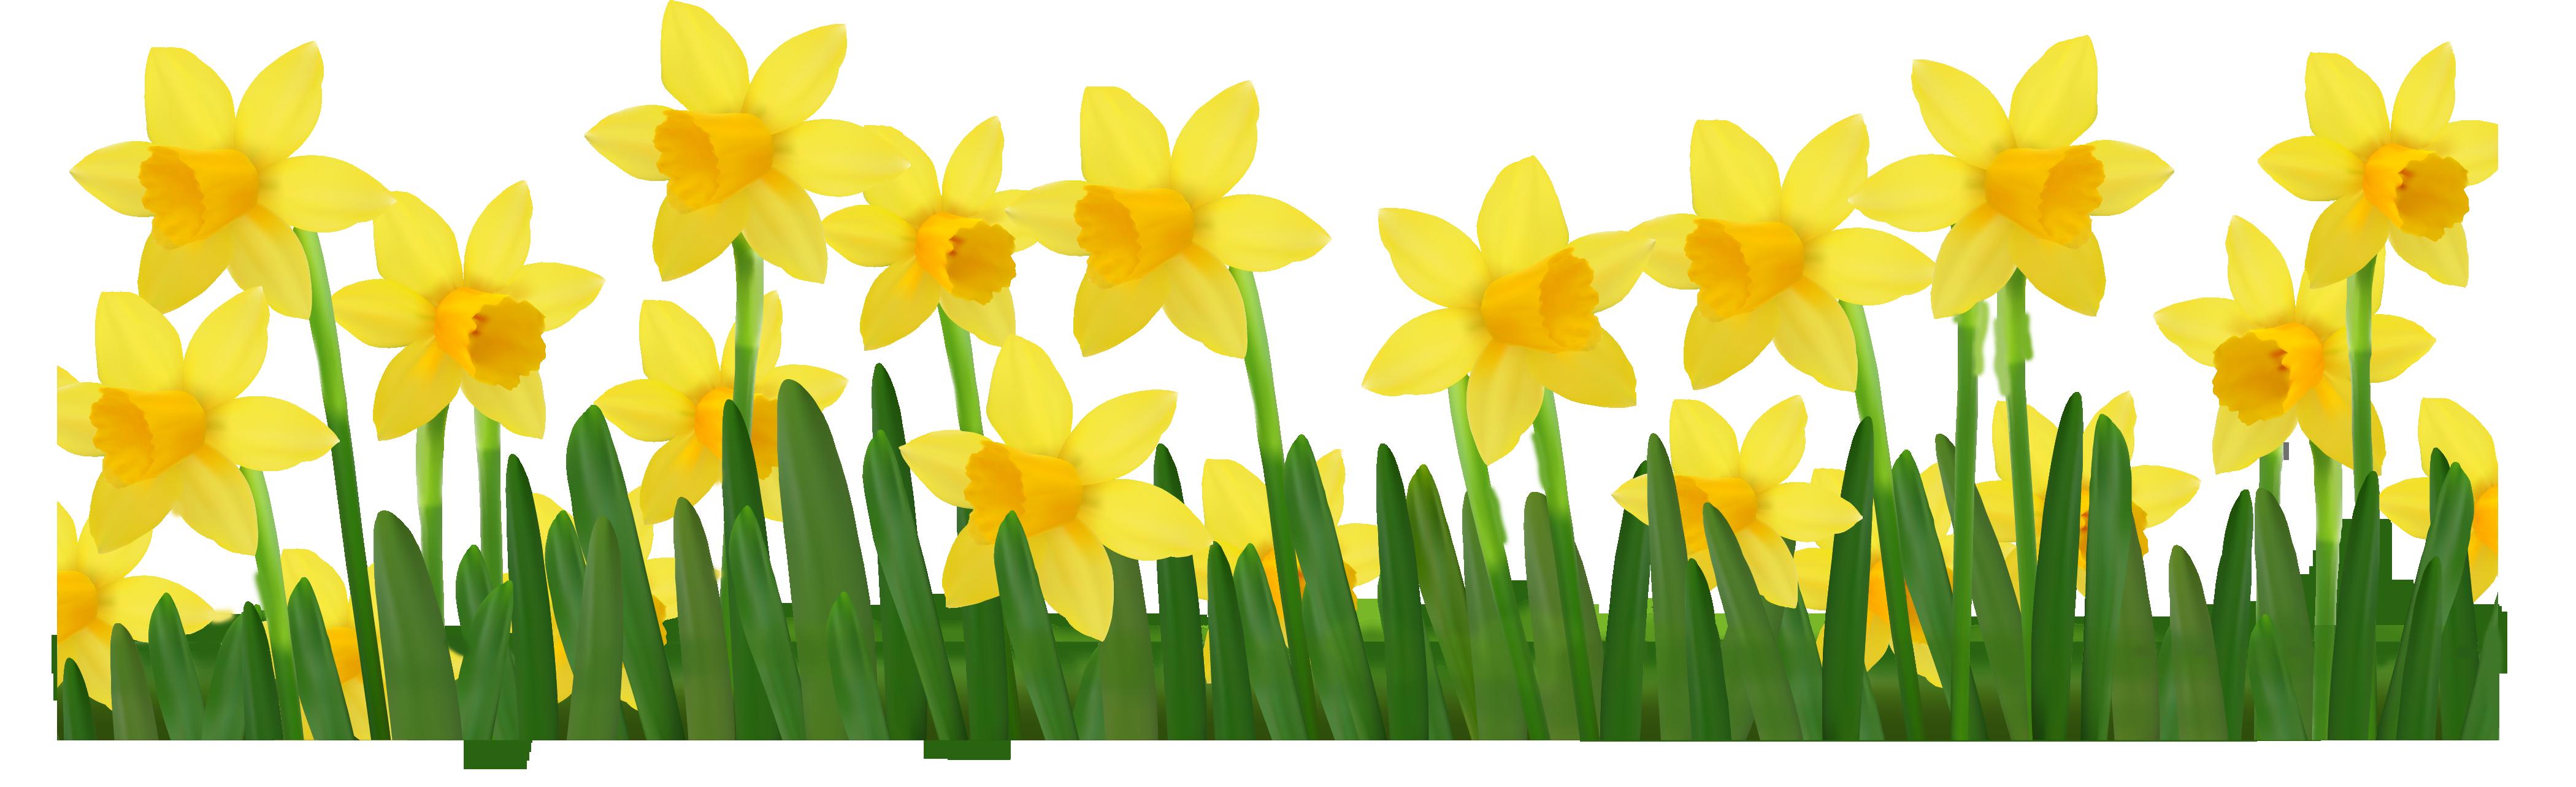 Daffodil March Flower Clip Art Free